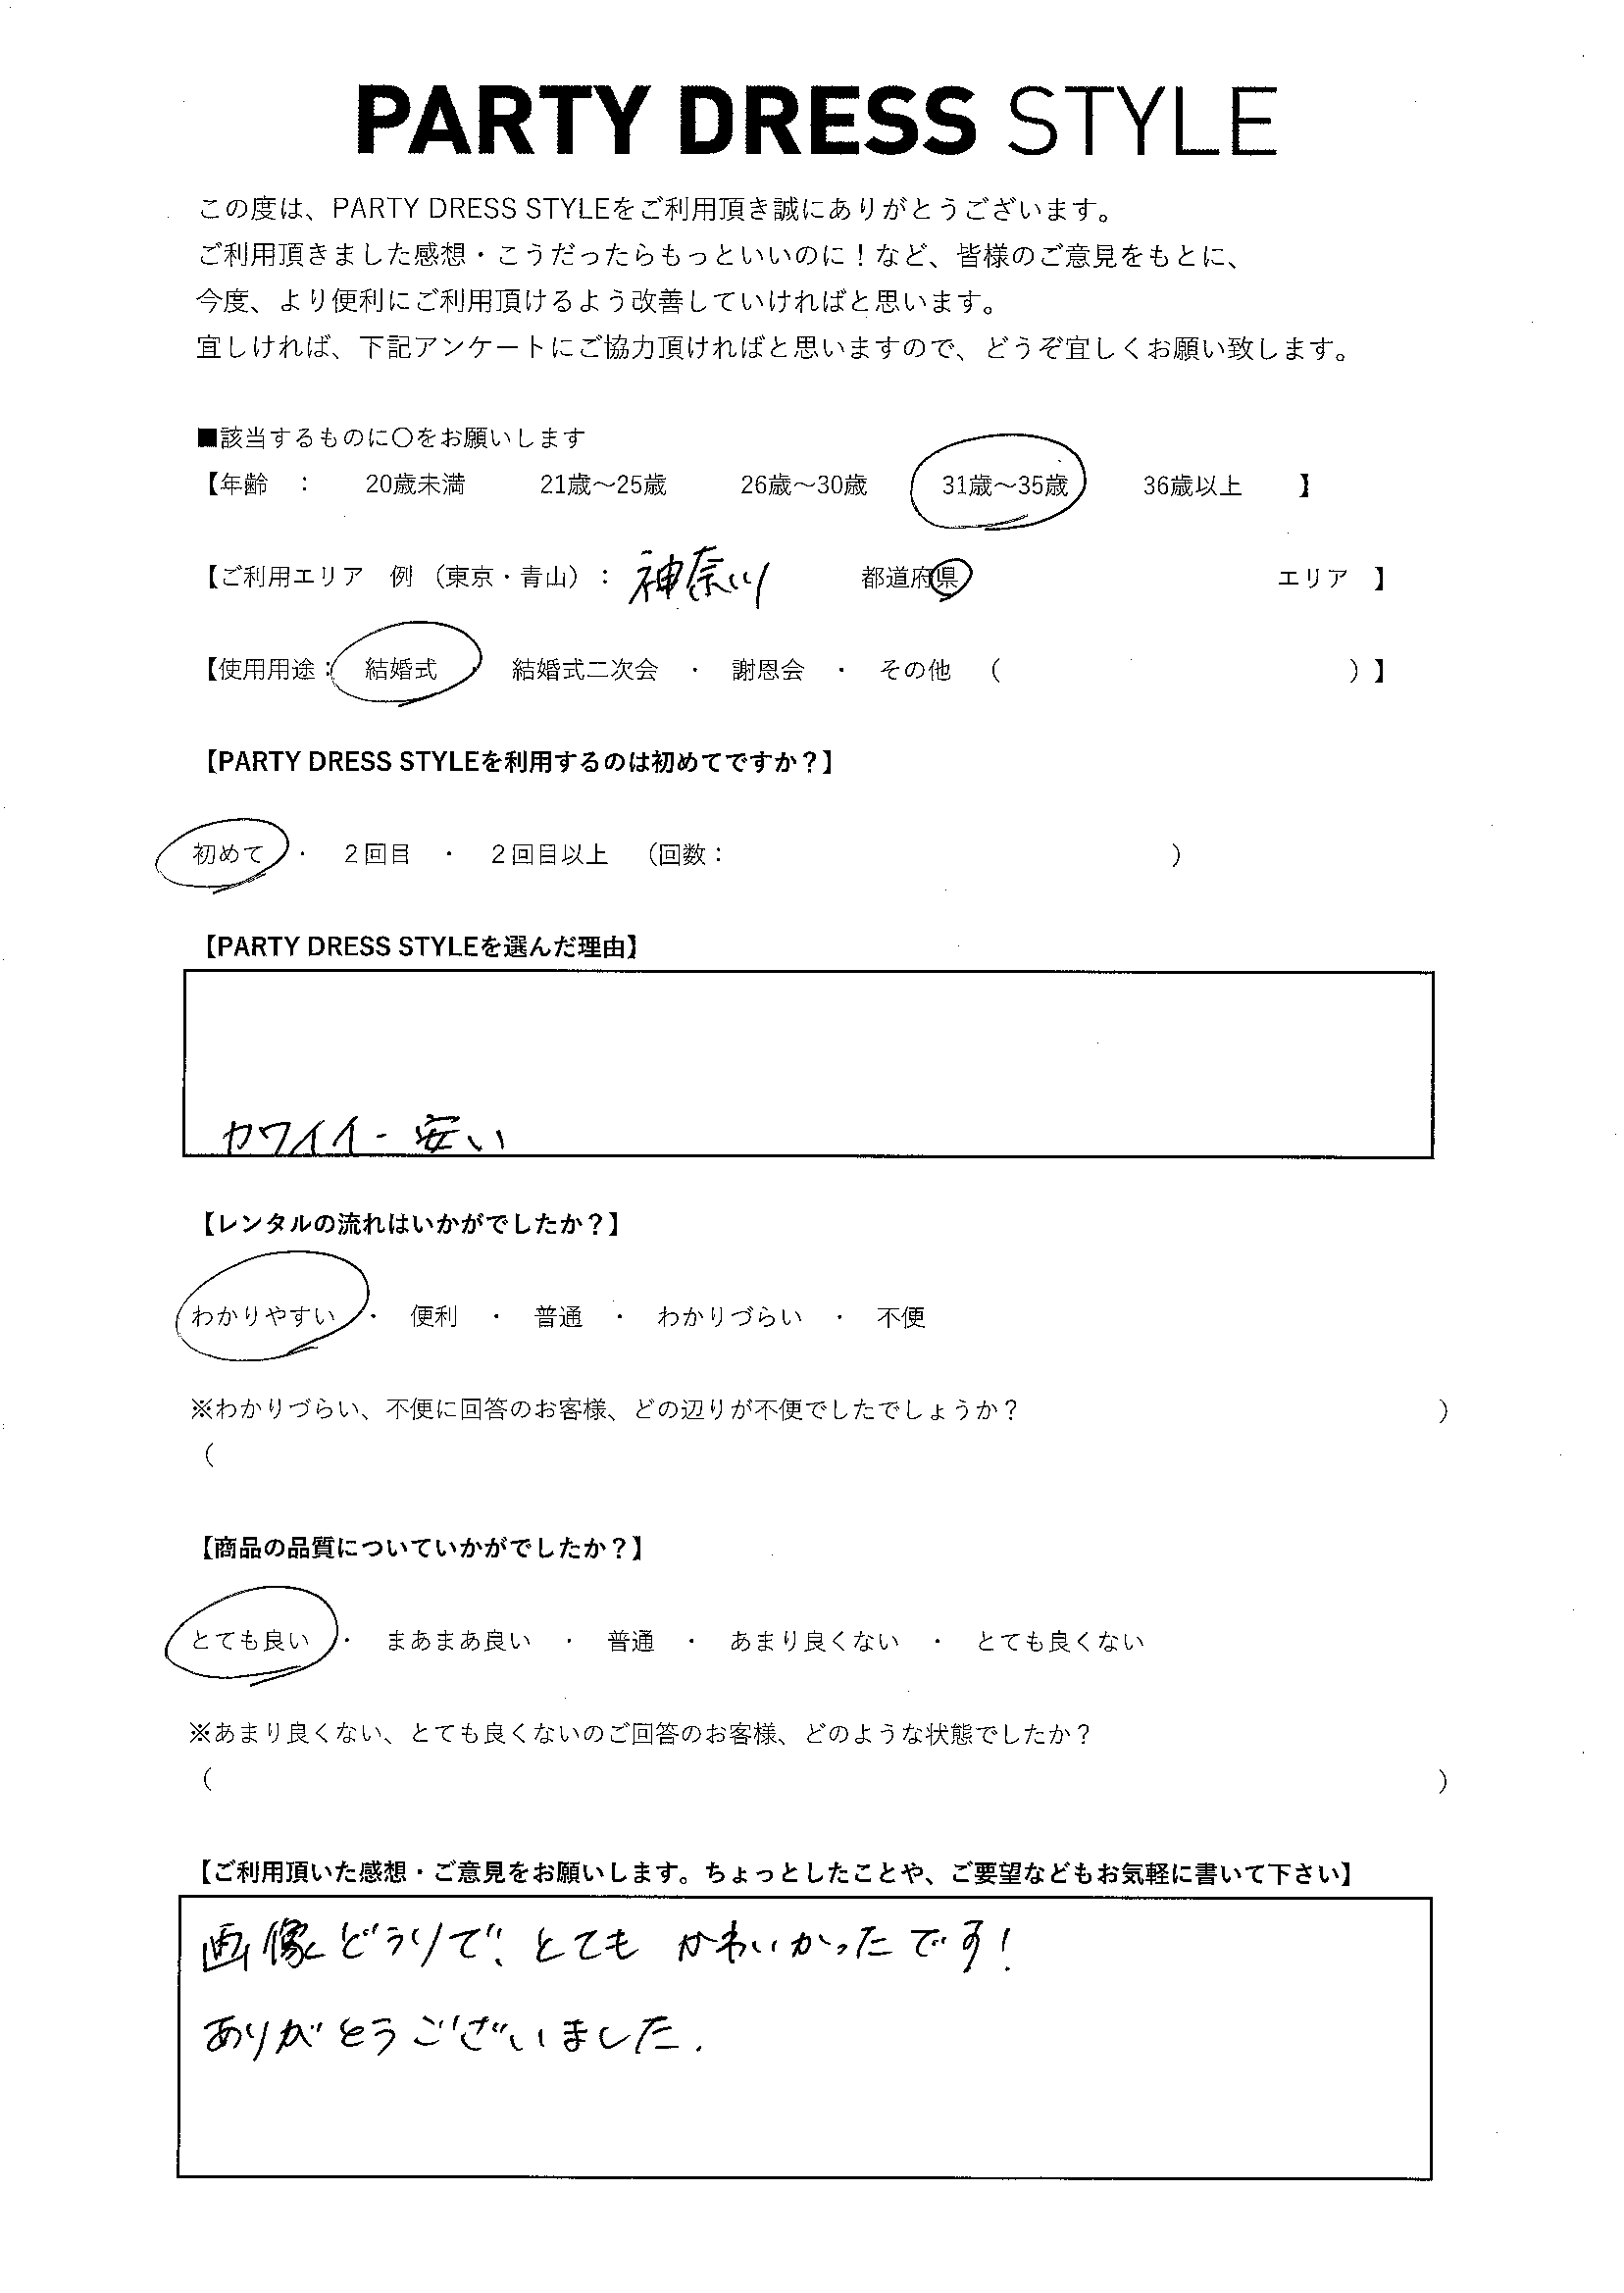 5/23結婚式ご利用 神奈川エリア